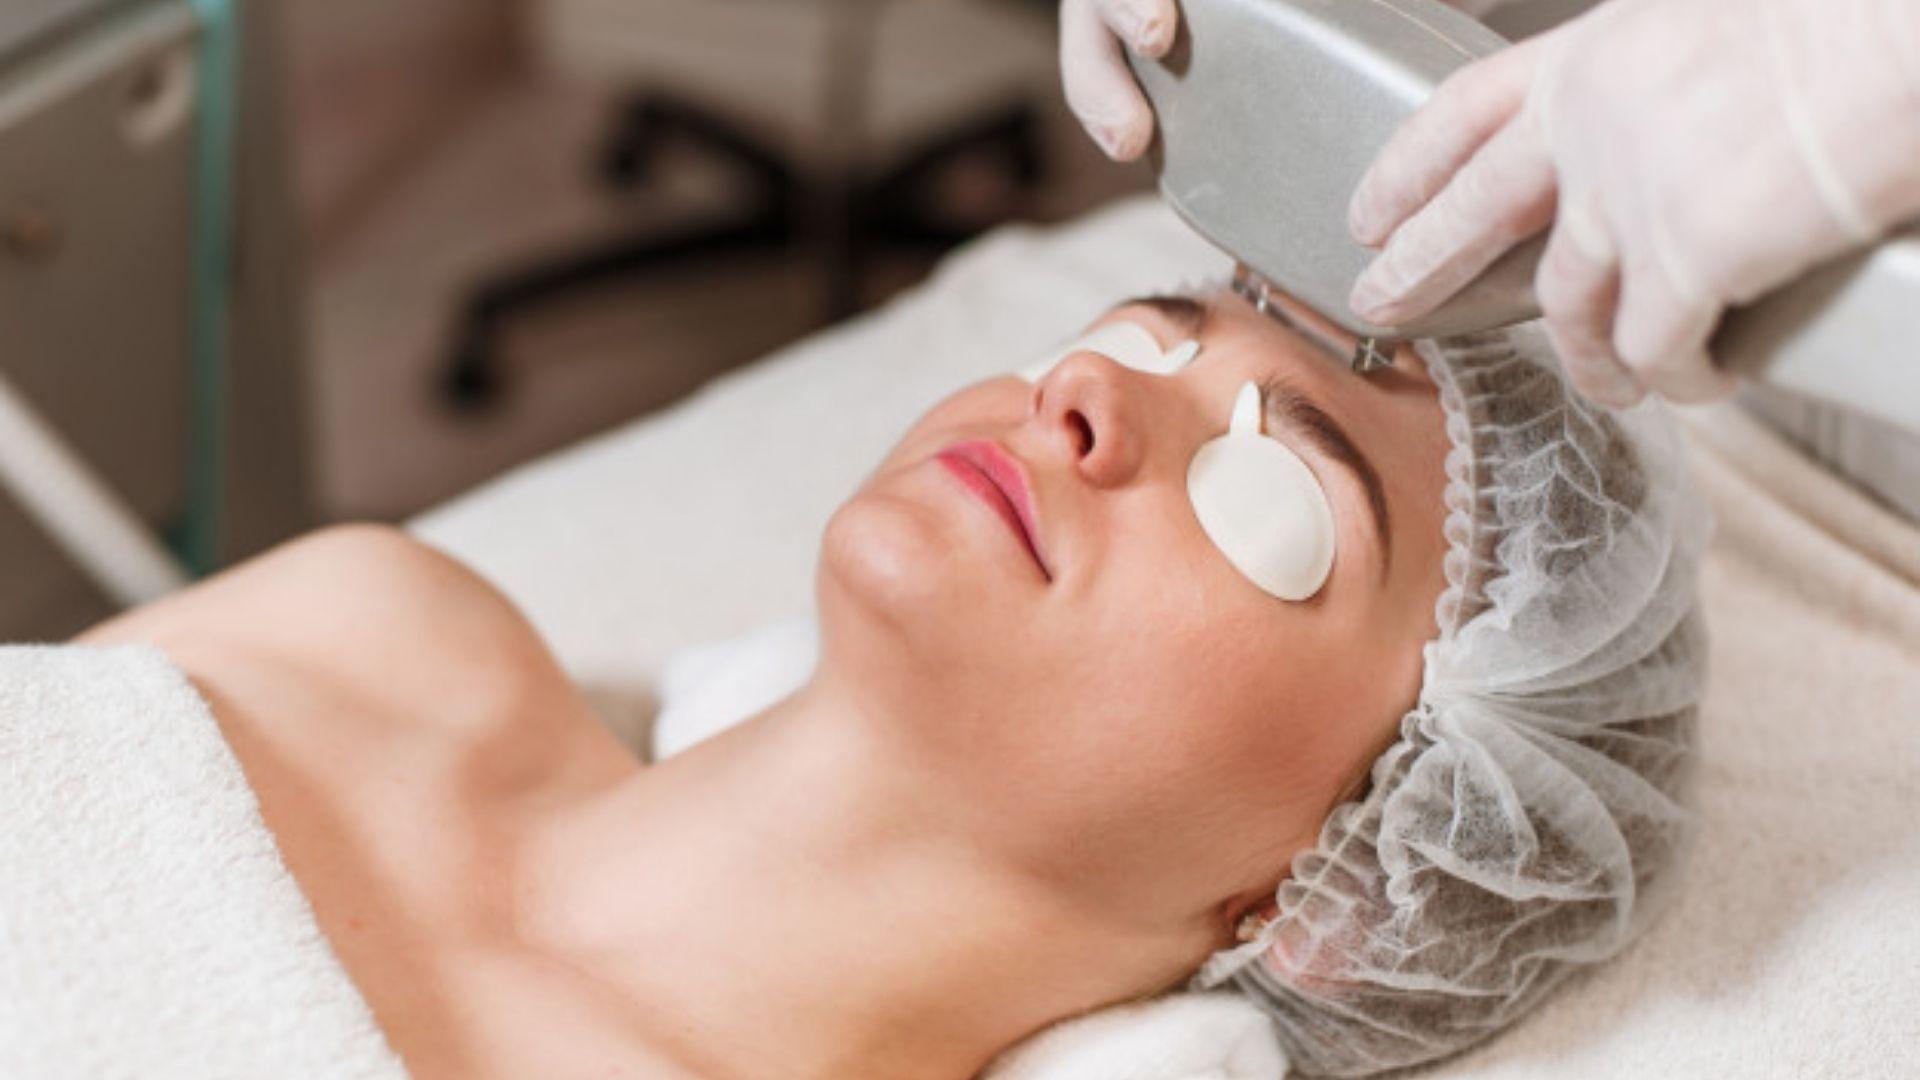 Công nghệ triệt lông mặt bằng laser